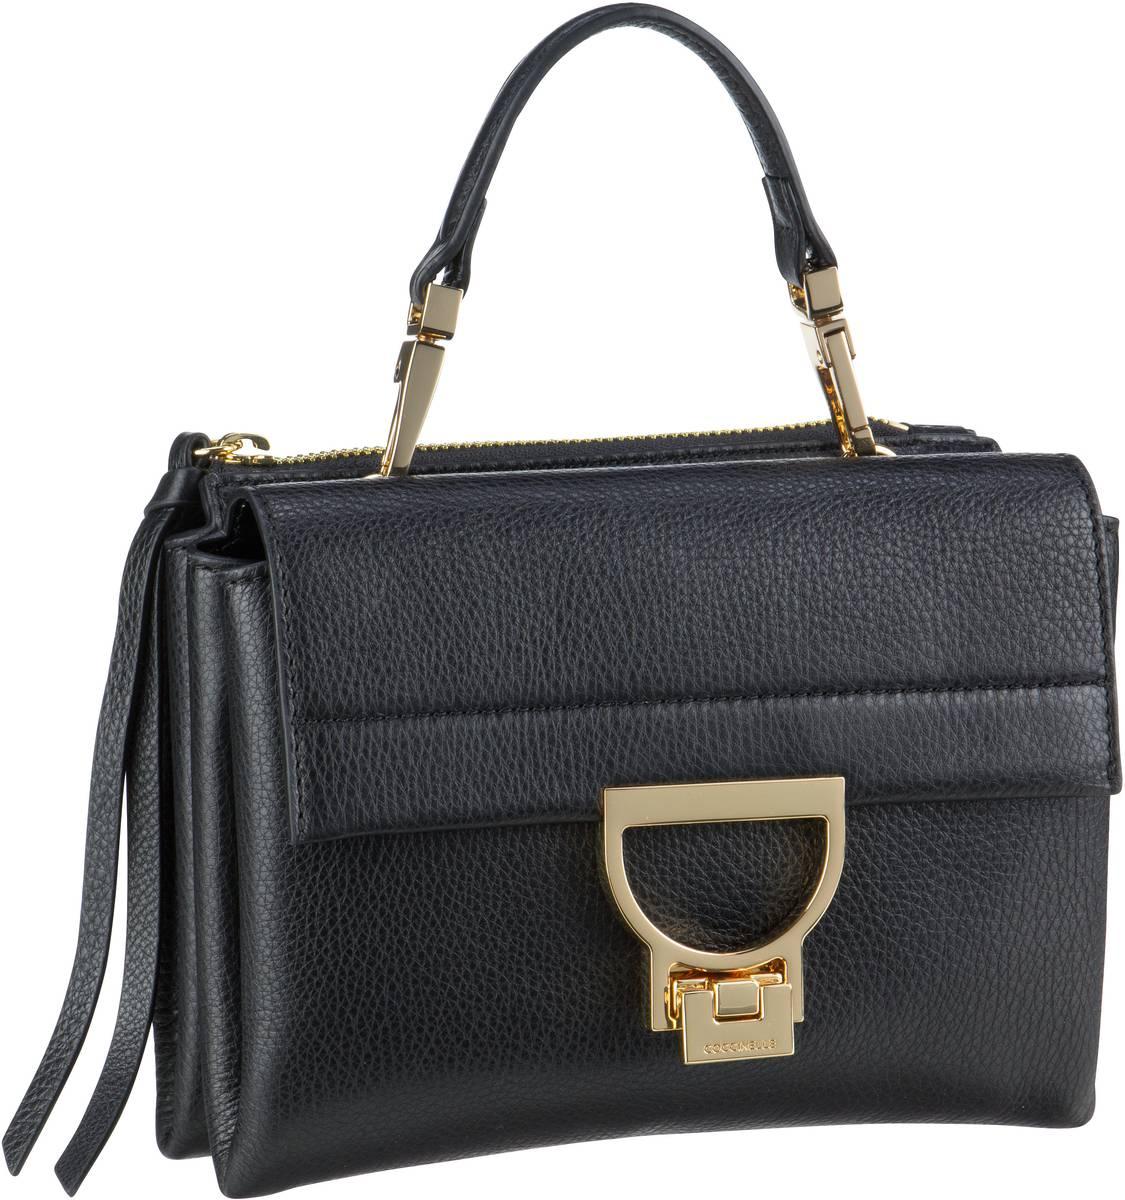 Handtasche Arlettis 55B7 Noir